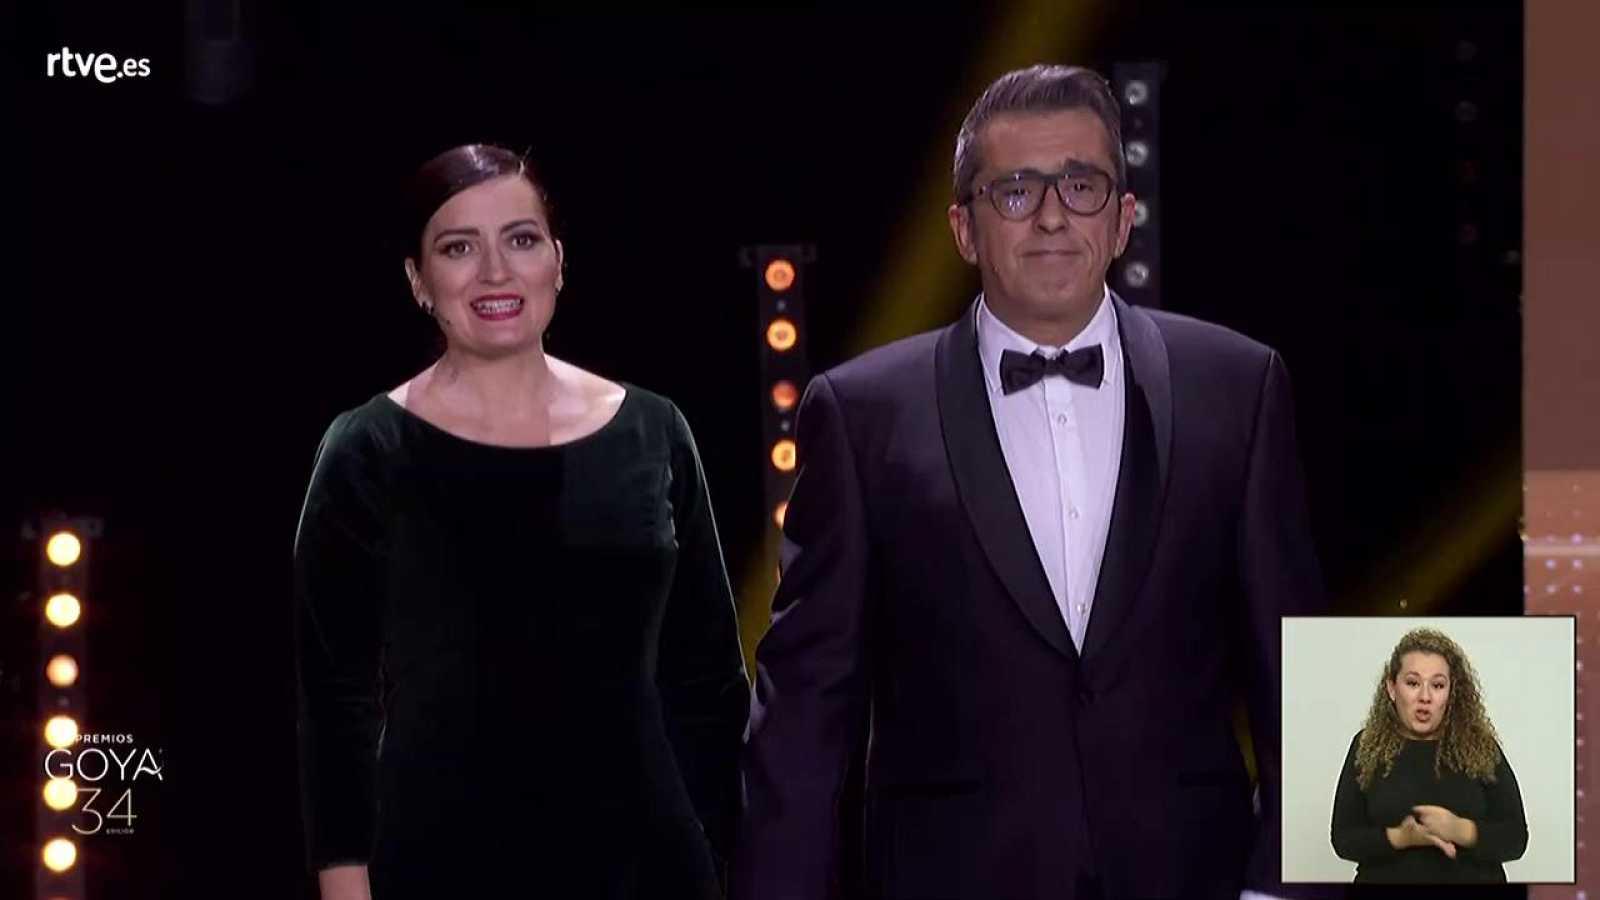 34 Edición Premios Goya en lengua de signos (Parte 2 de 2) - Ver ahora